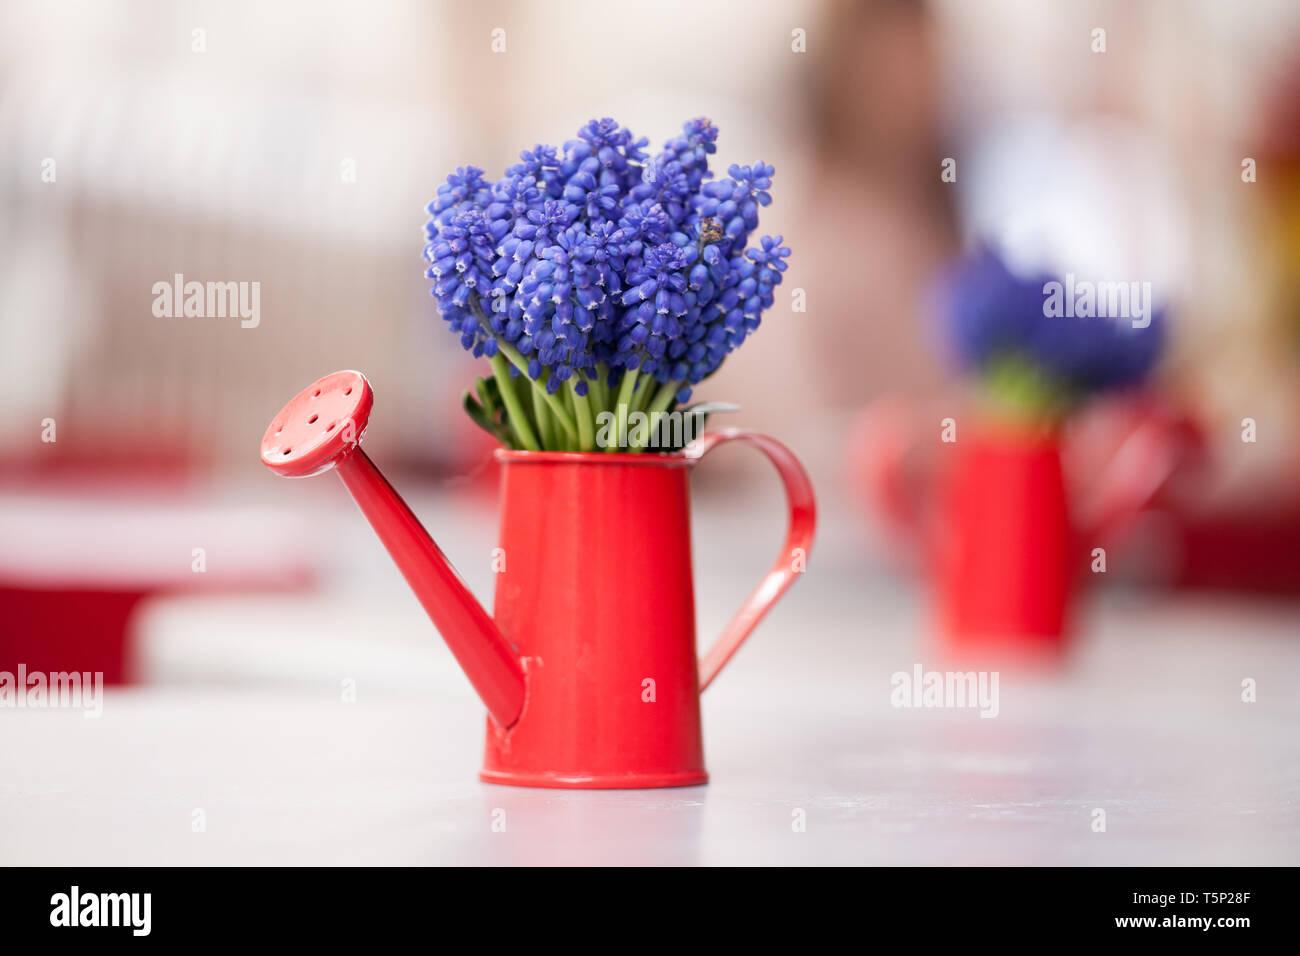 Beau bouquet de muscari ou muscaris dans un petit arrosoir rouge. Gros plan d'une fleur muscari bleu Banque D'Images